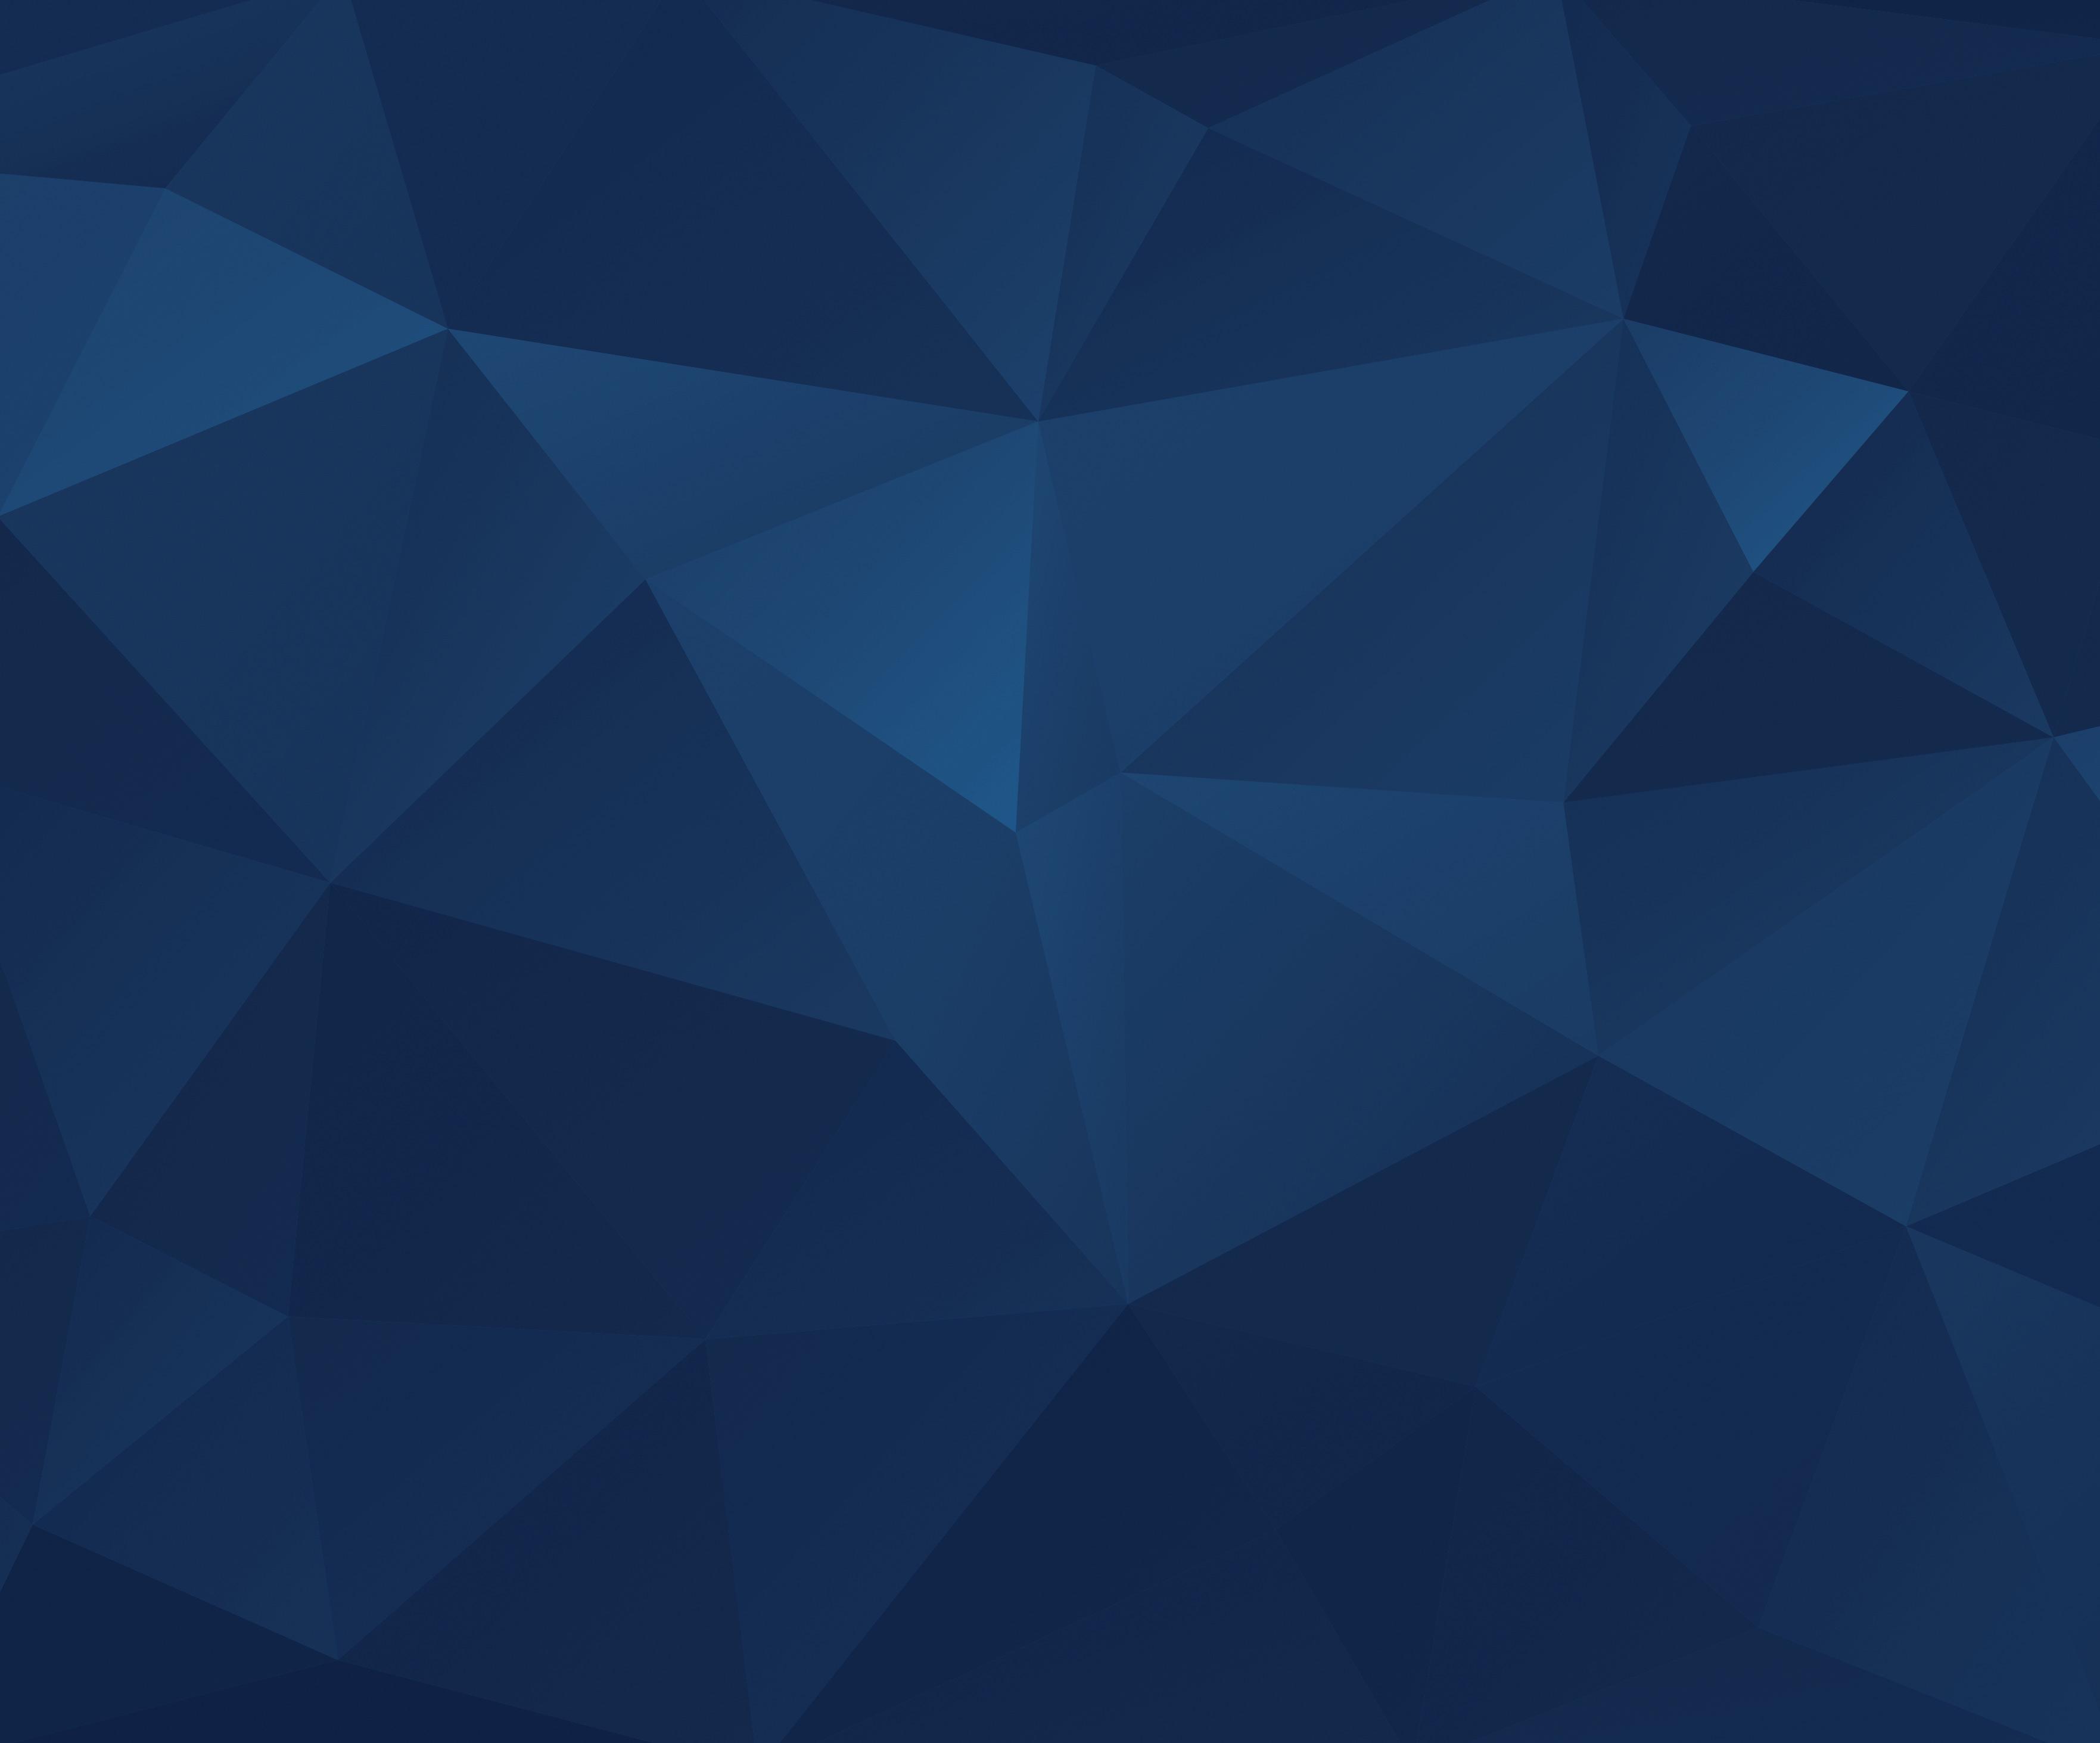 Blue Prism texture